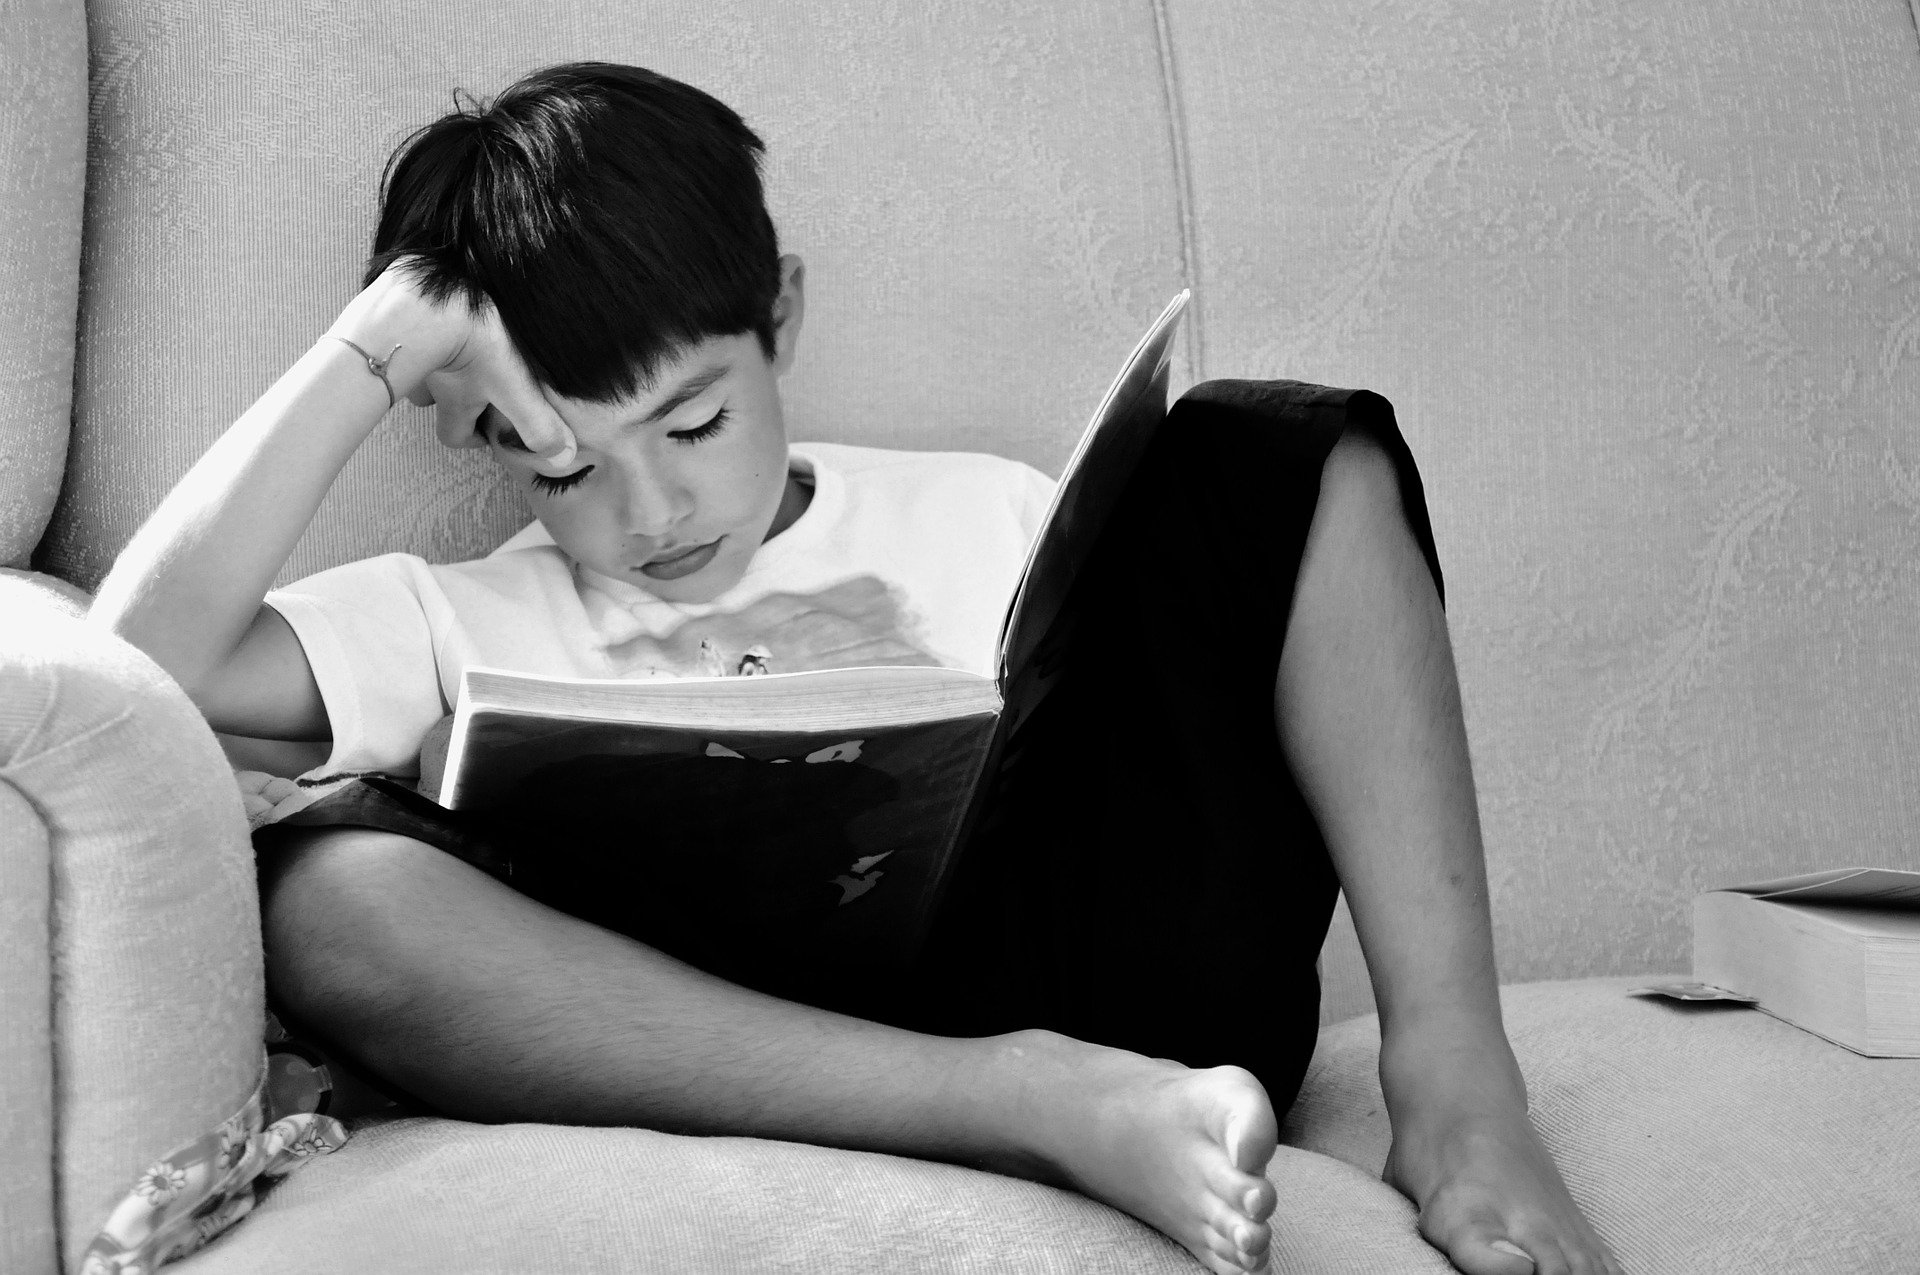 טיפ: כשהילד לא רוצה לקרוא